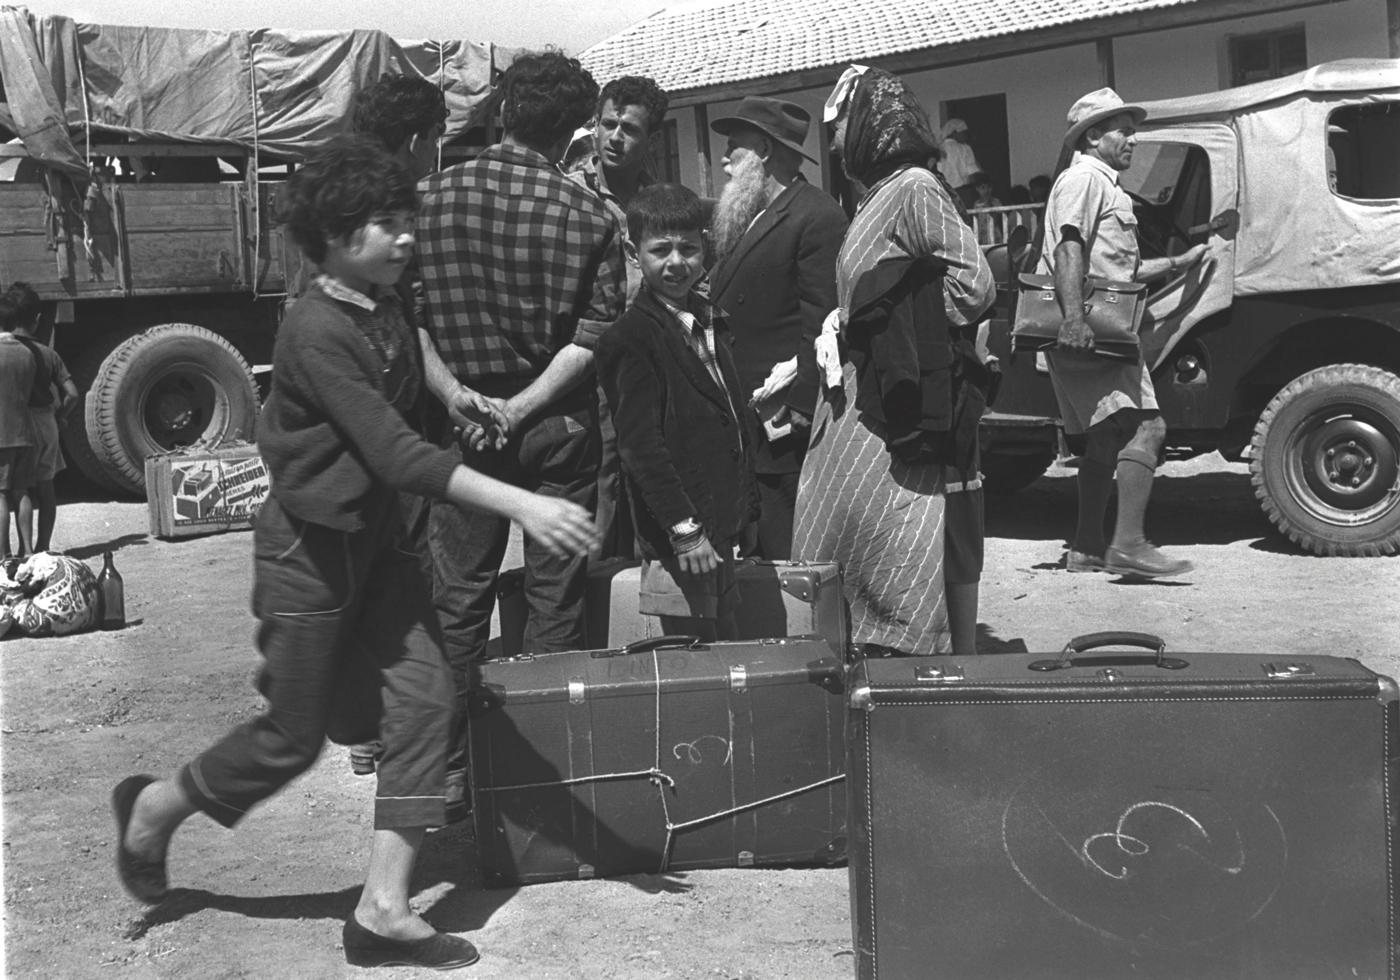 ההתקוממויות הלאומיות נגד הצרפתים באלג׳יריה, בתוניסיה ובמרוקו הופנו גם נגד יהודים וגרמו להם לעלות לארץ בהמוניהם. עולים פוגשים את חבריהם הוותיקים במושב אחוזם שבחבל לכיש, 1954